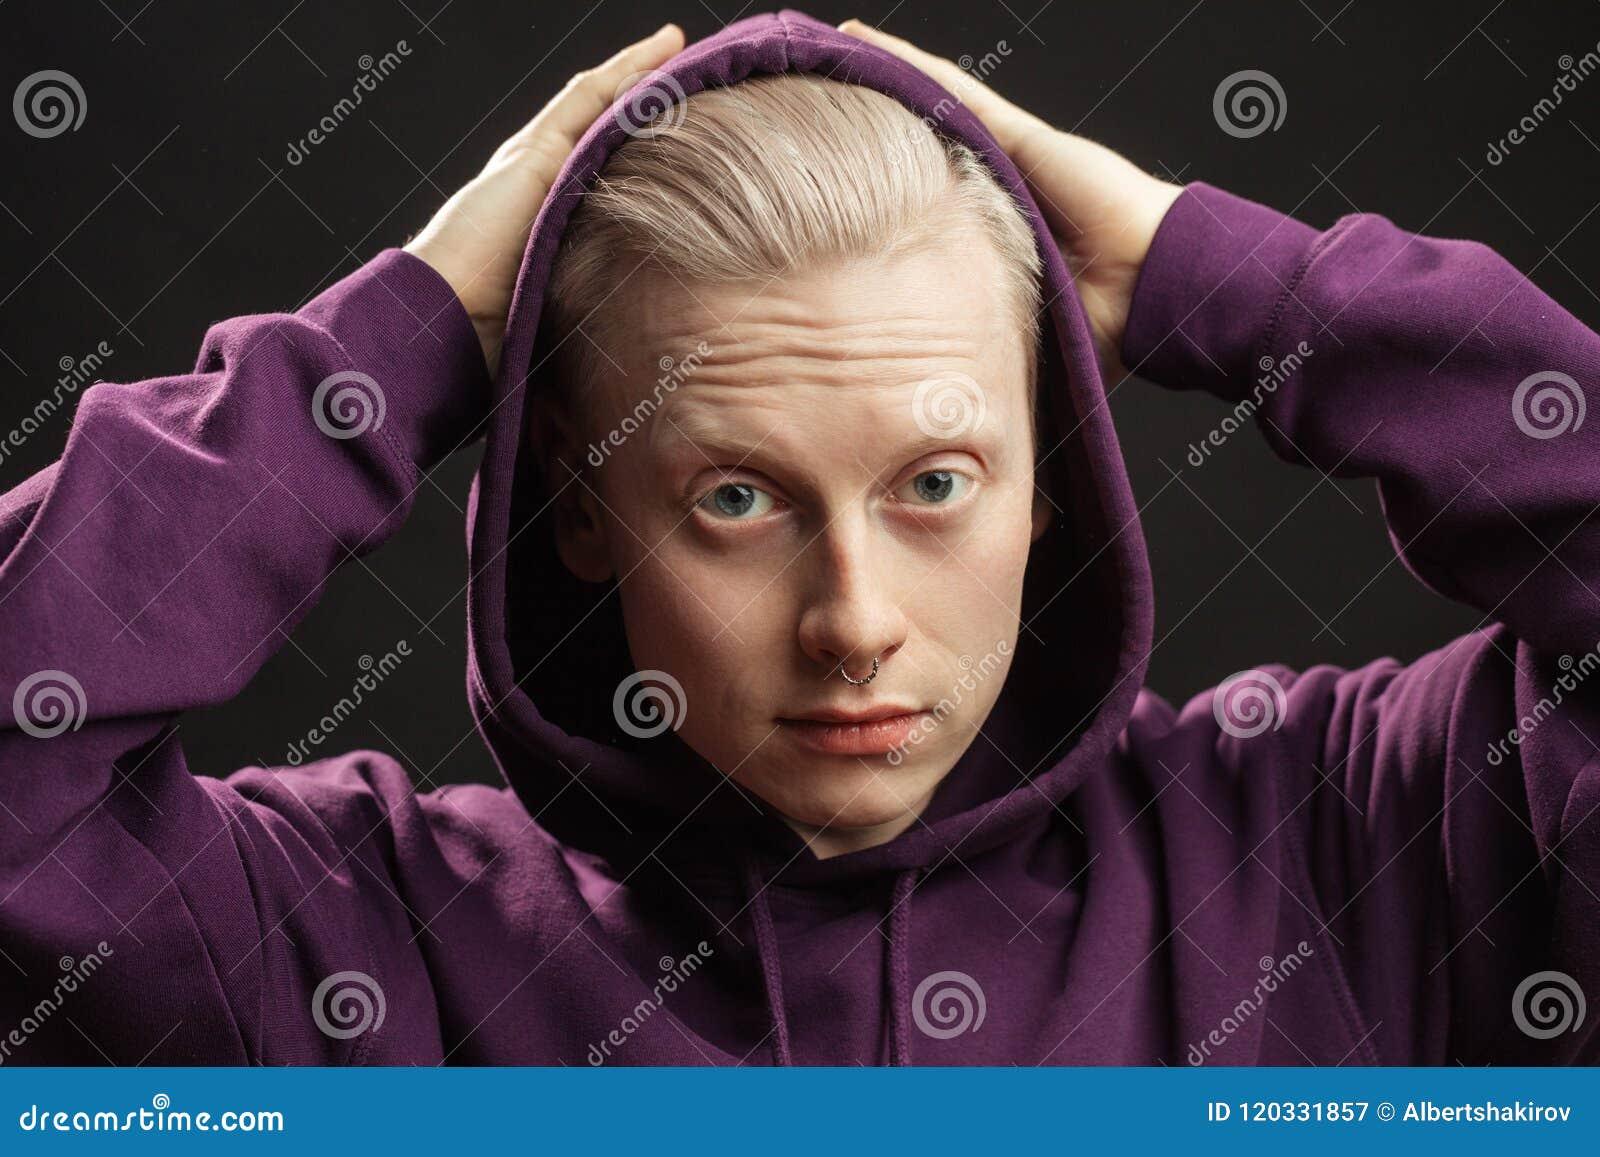 fe6053c76ac91 ... sports Athlète avec les cheveux blonds ajustant le capot au-dessus de  la tête sur le fond noir L'homme utilise le hoodie sportif Habillement de  sport, ...